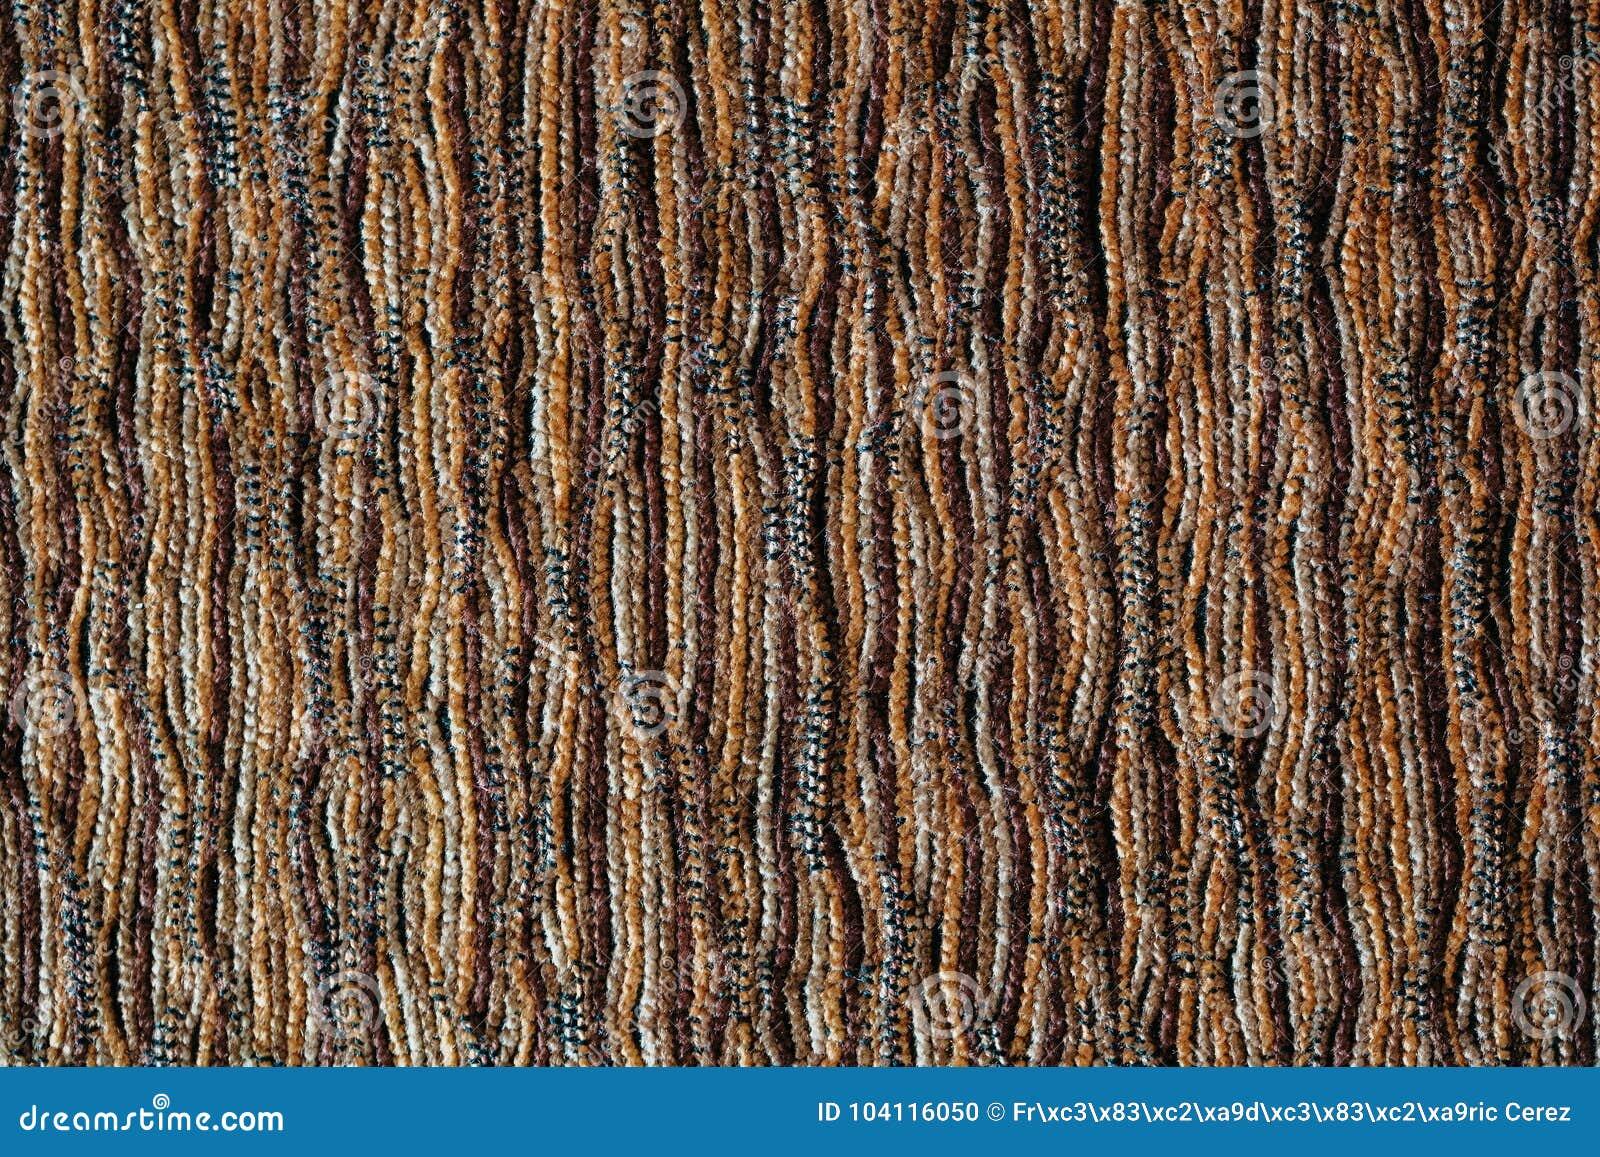 Sofa Cloth Texture